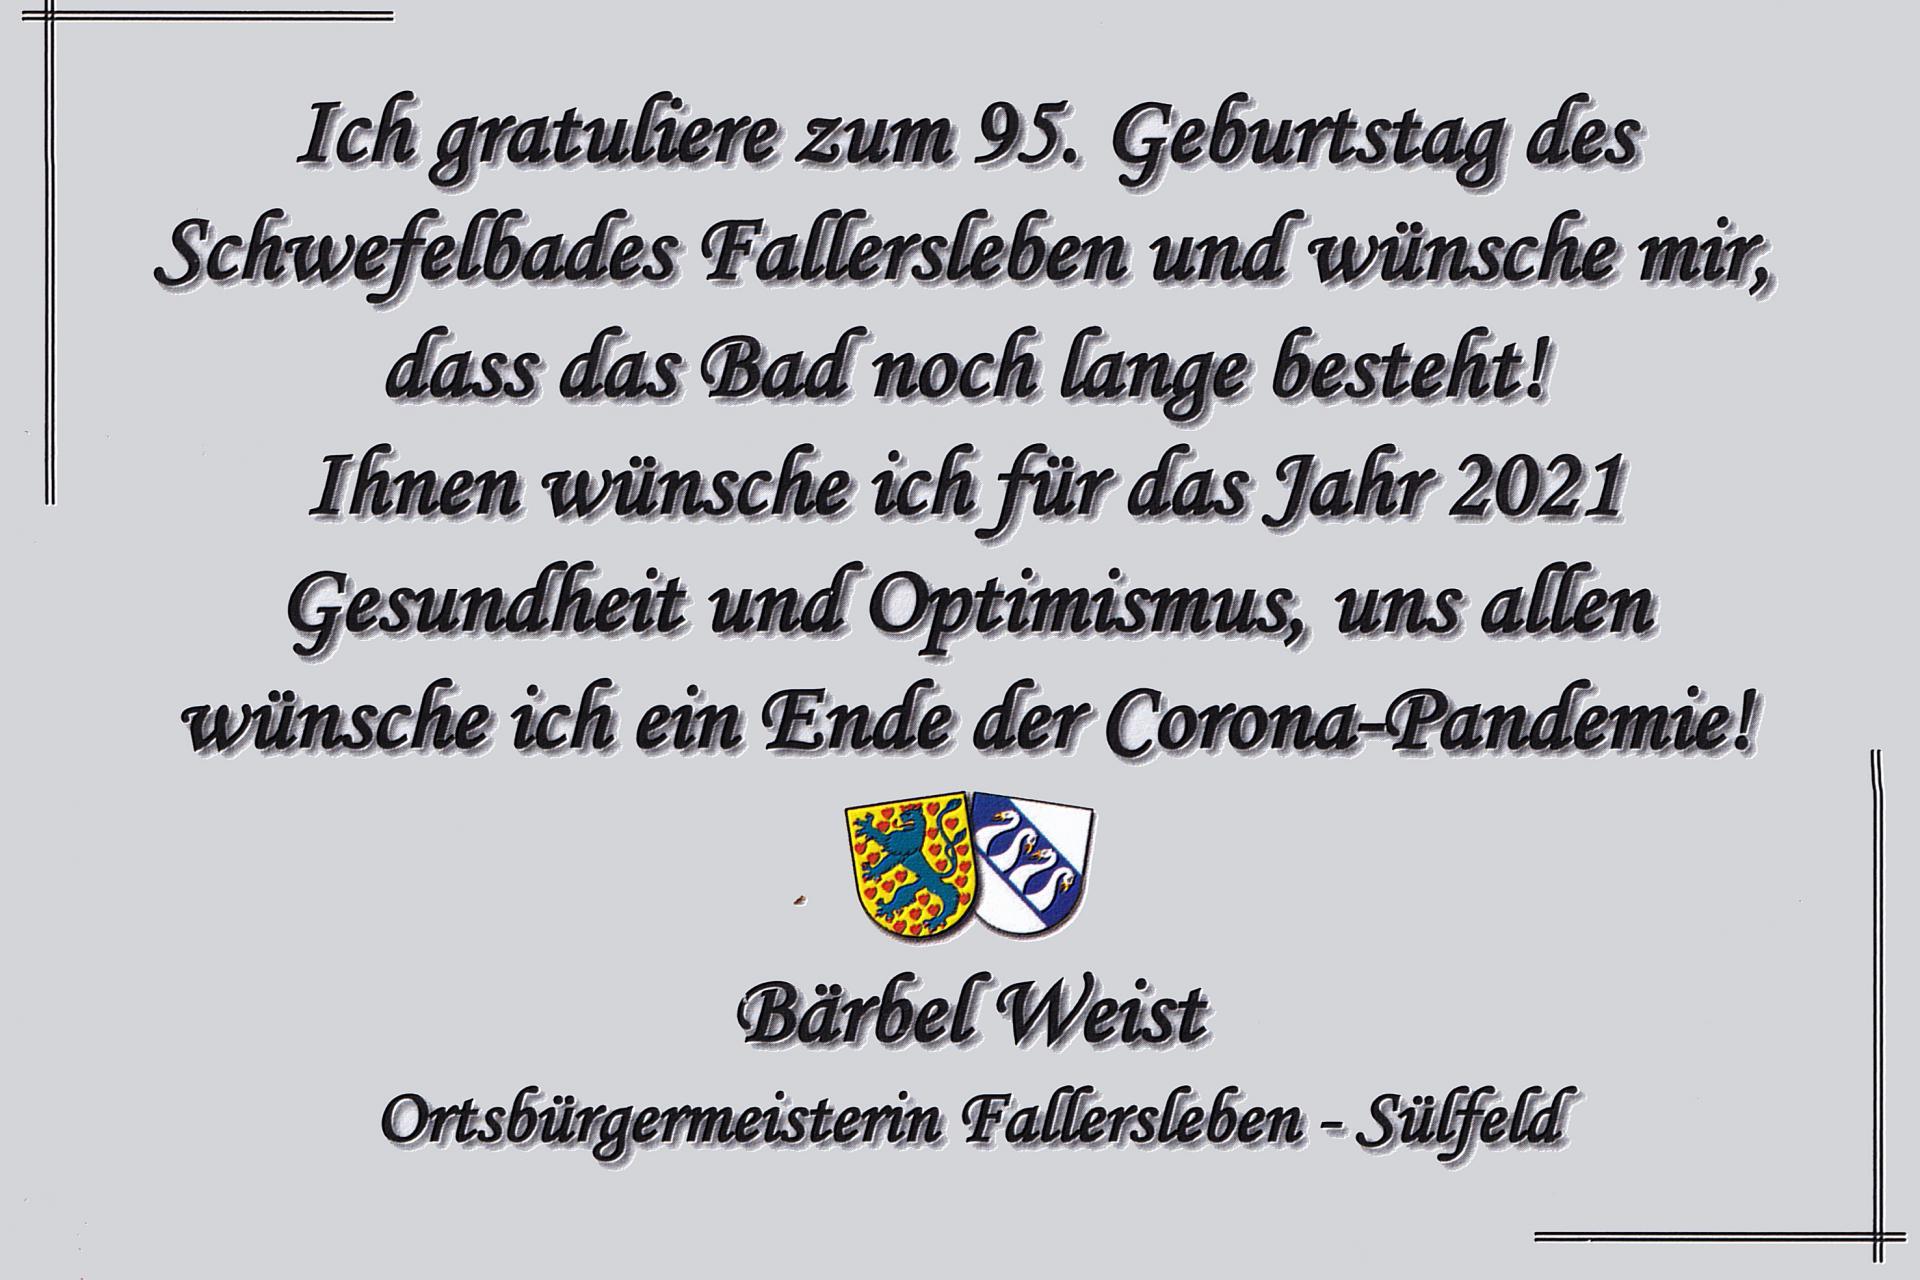 Karte 95 Jahre Schwefelbad Fallersleben